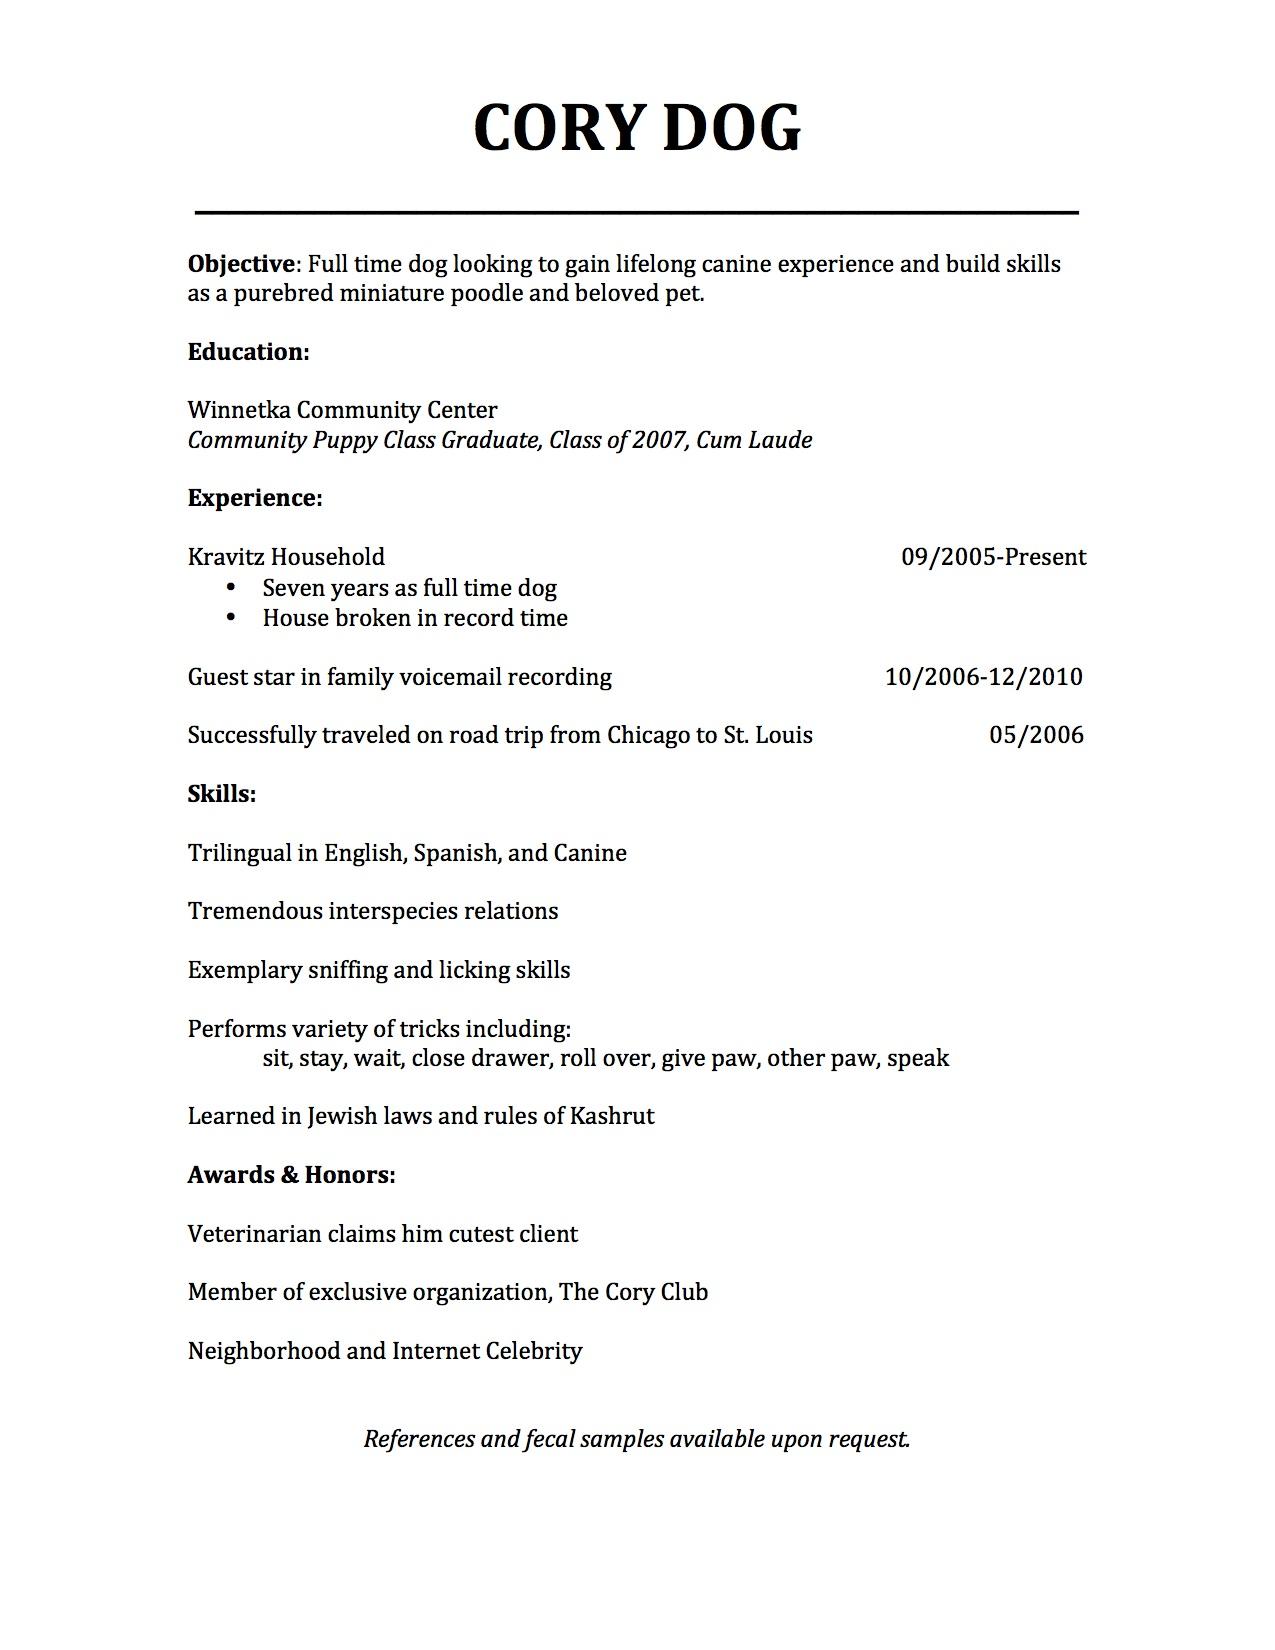 CORY-DOG-resume-